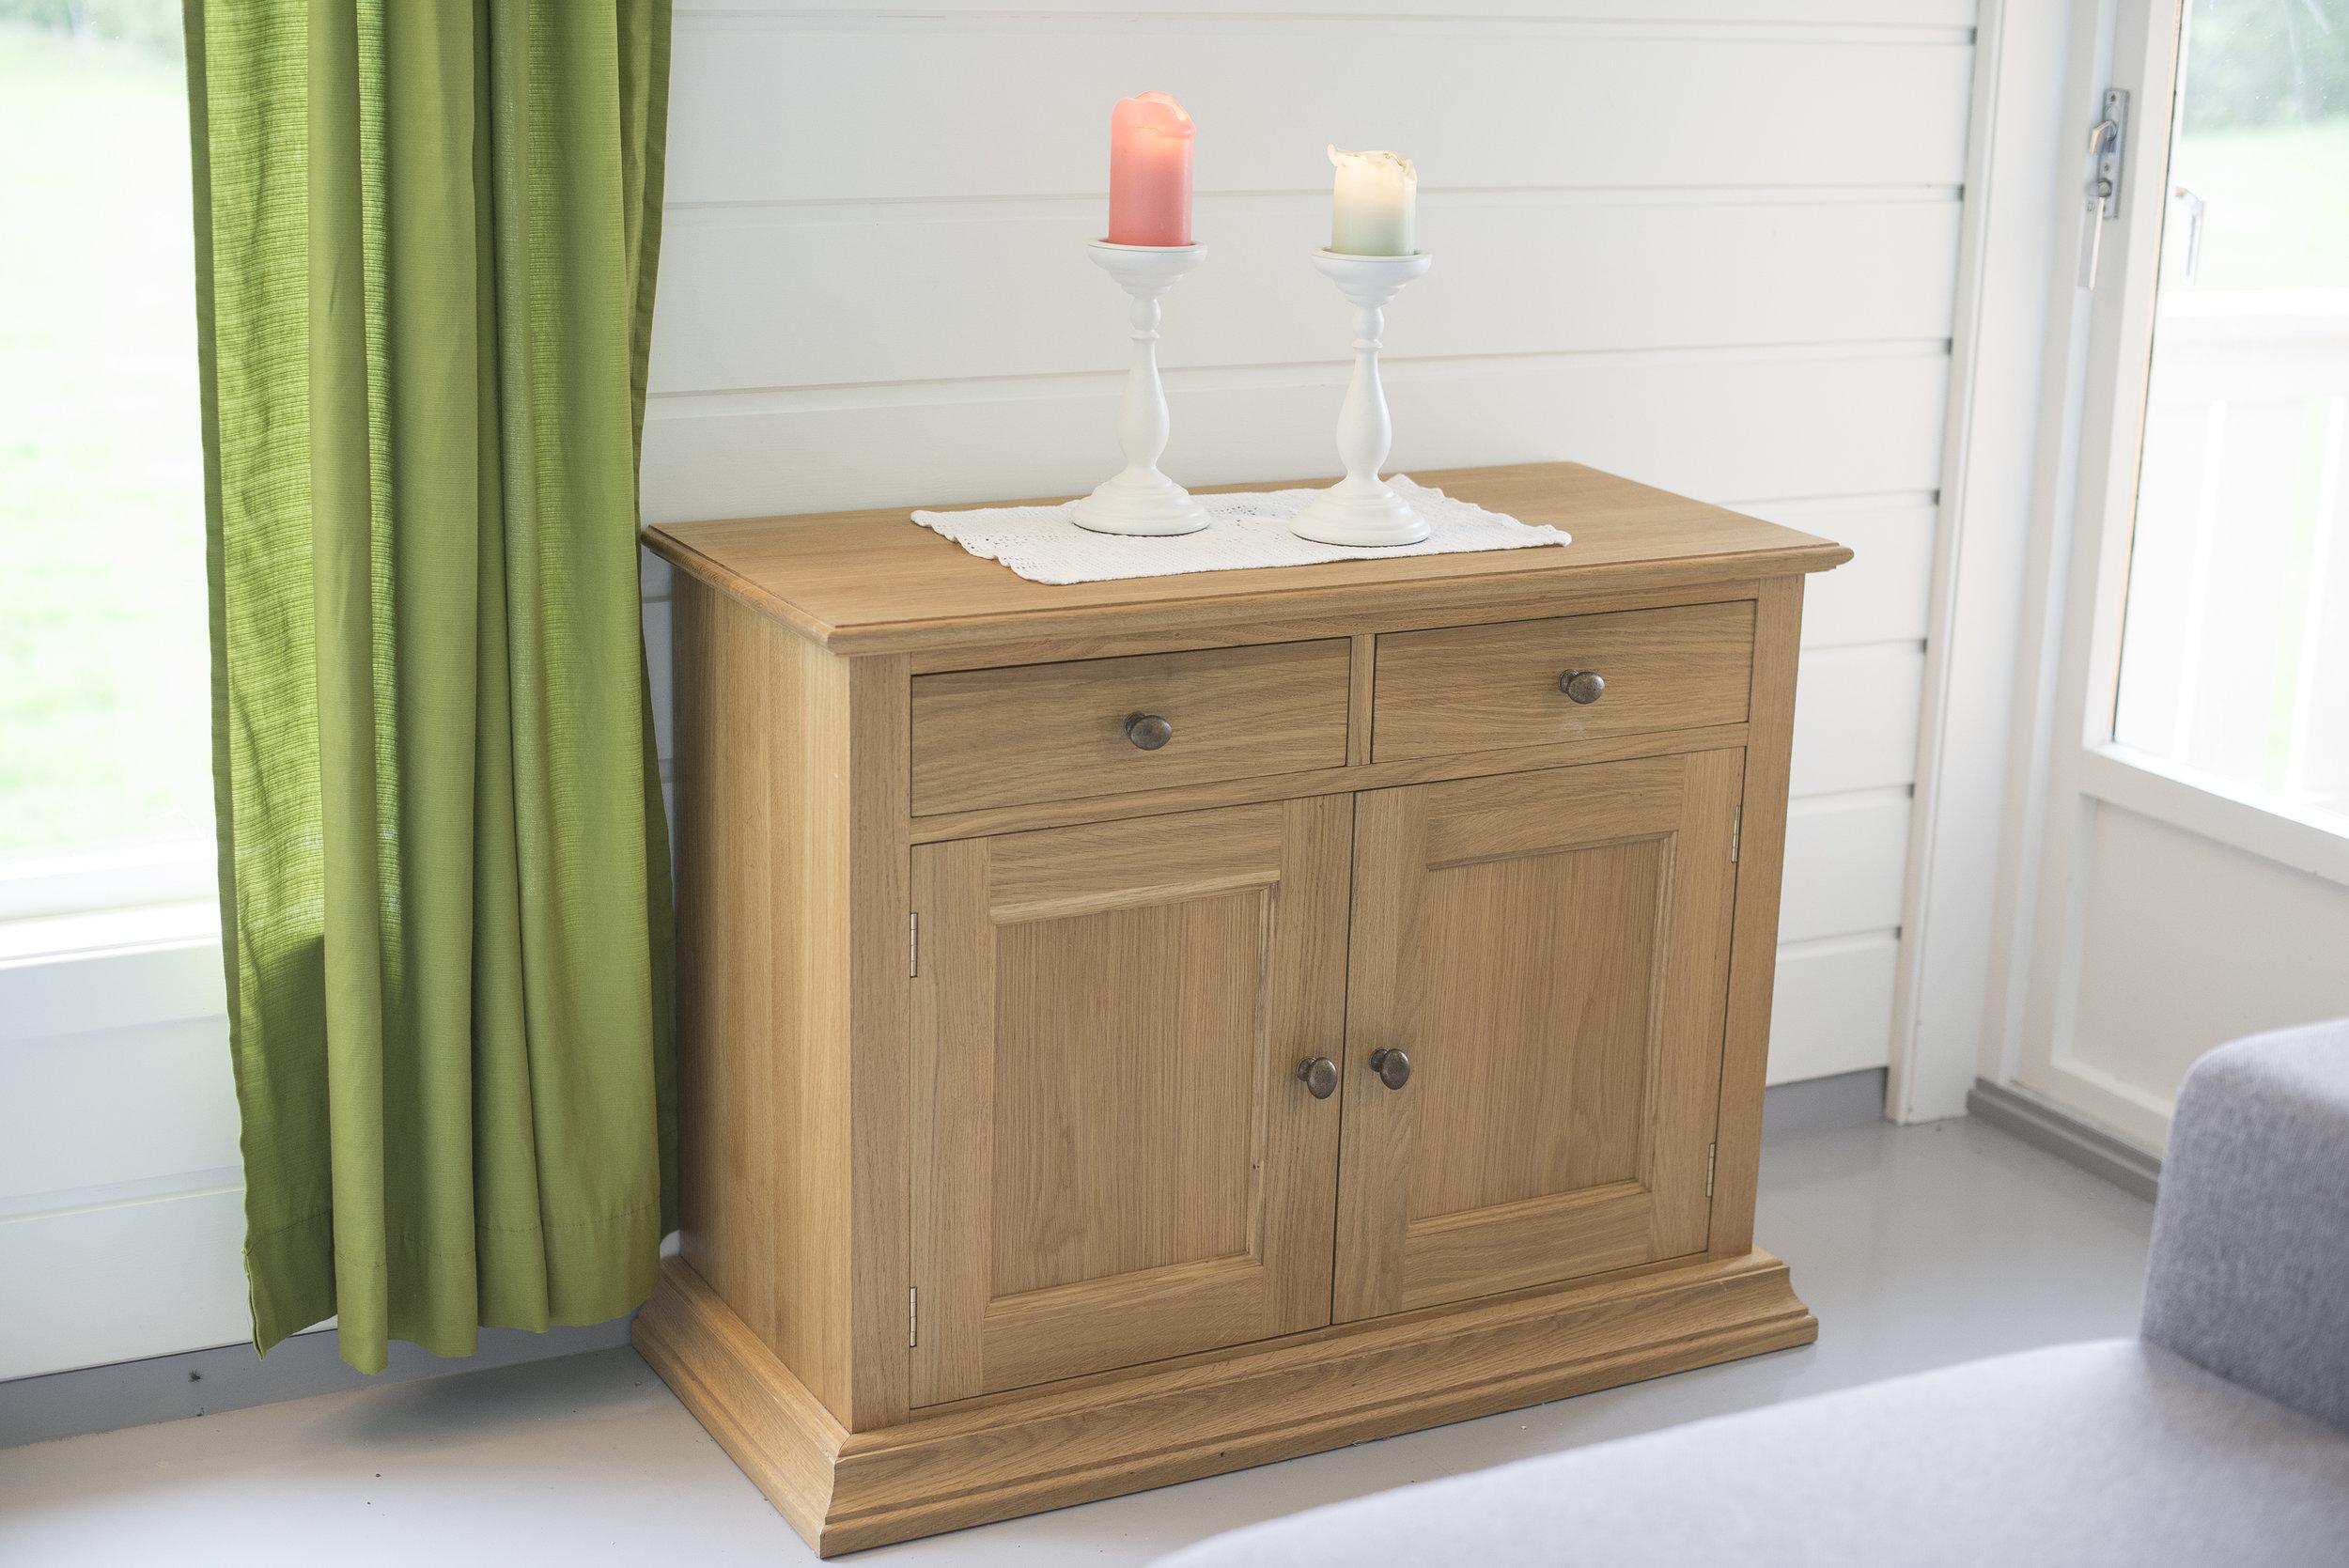 Eik er et svært slitesterkt treslag. Den flotte strukturen og den varme tonen gir flotte møbler.